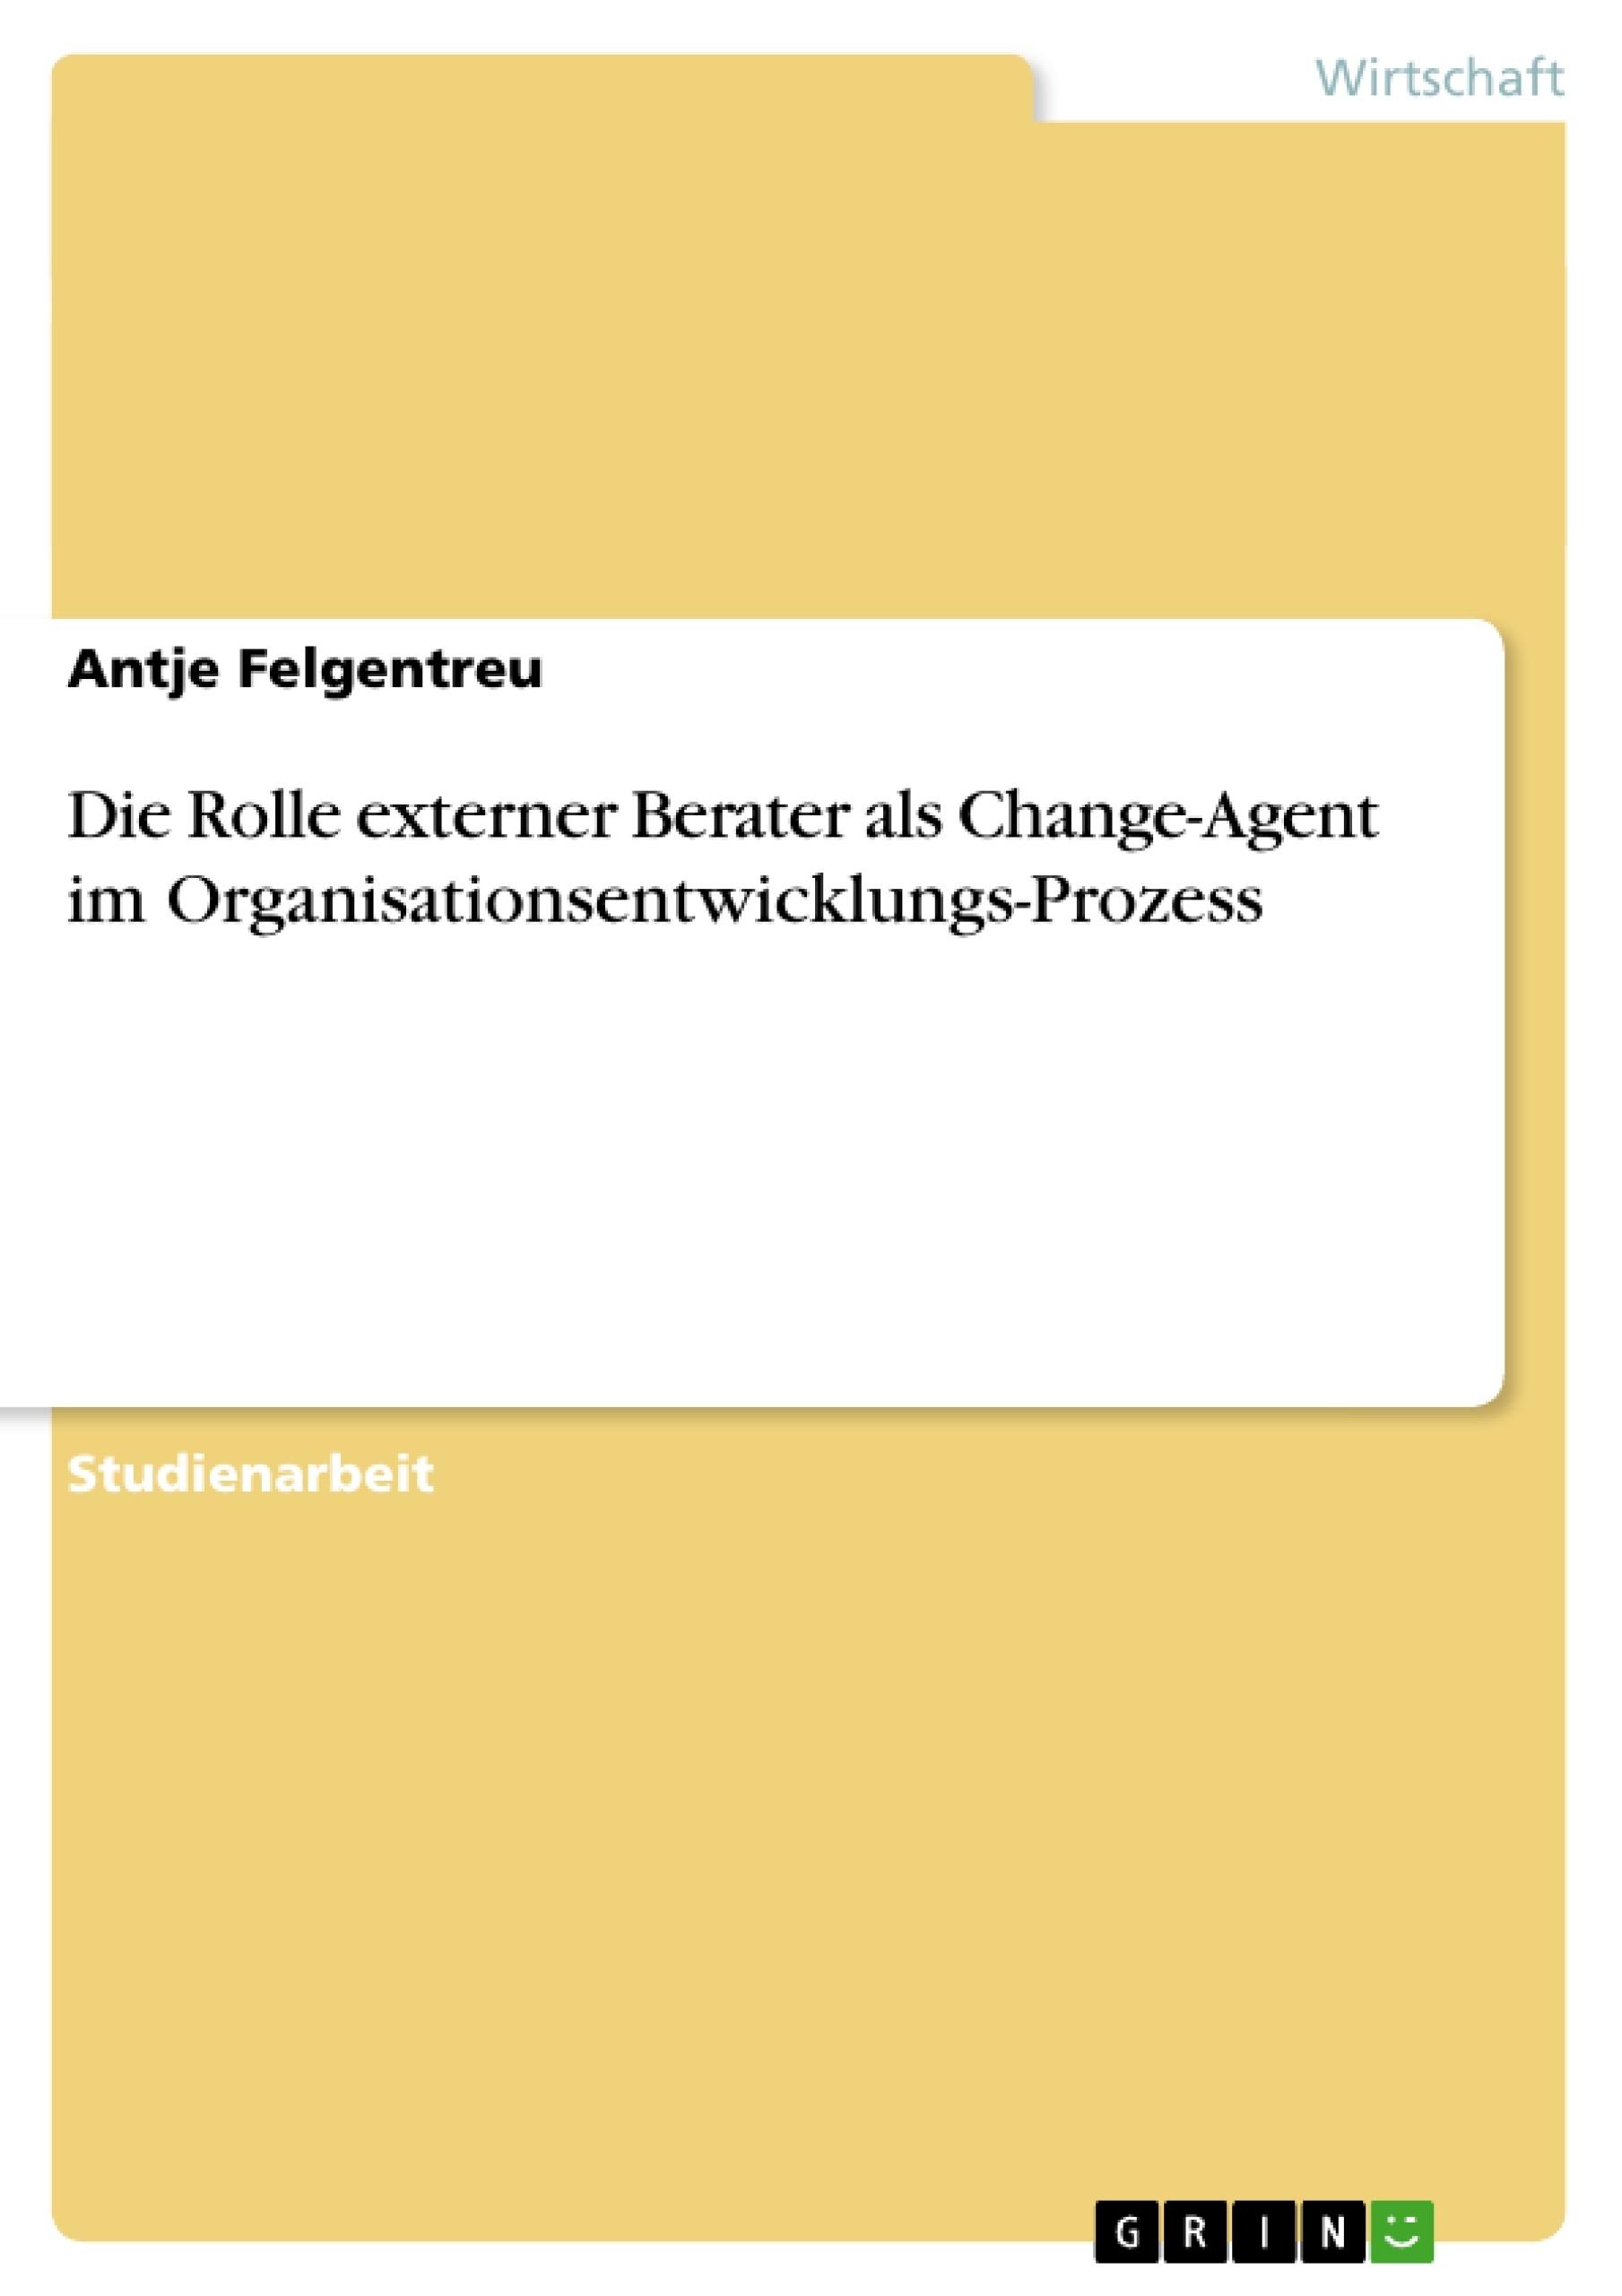 Titel: Die Rolle externer Berater als Change-Agent im Organisationsentwicklungs-Prozess